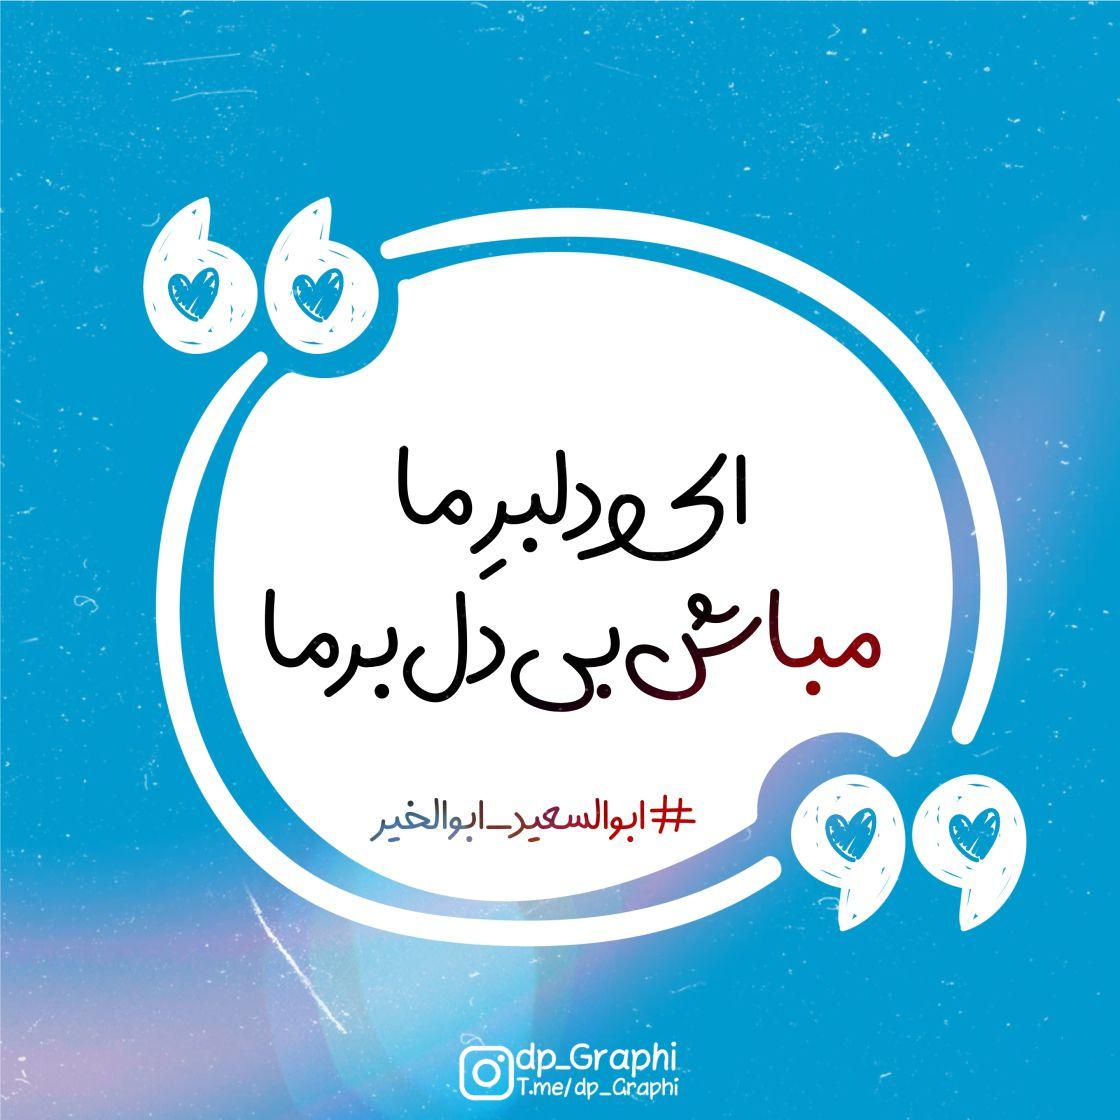 فونت فارسی دلبر 2 مناسب برای طراحی عکسنوشته